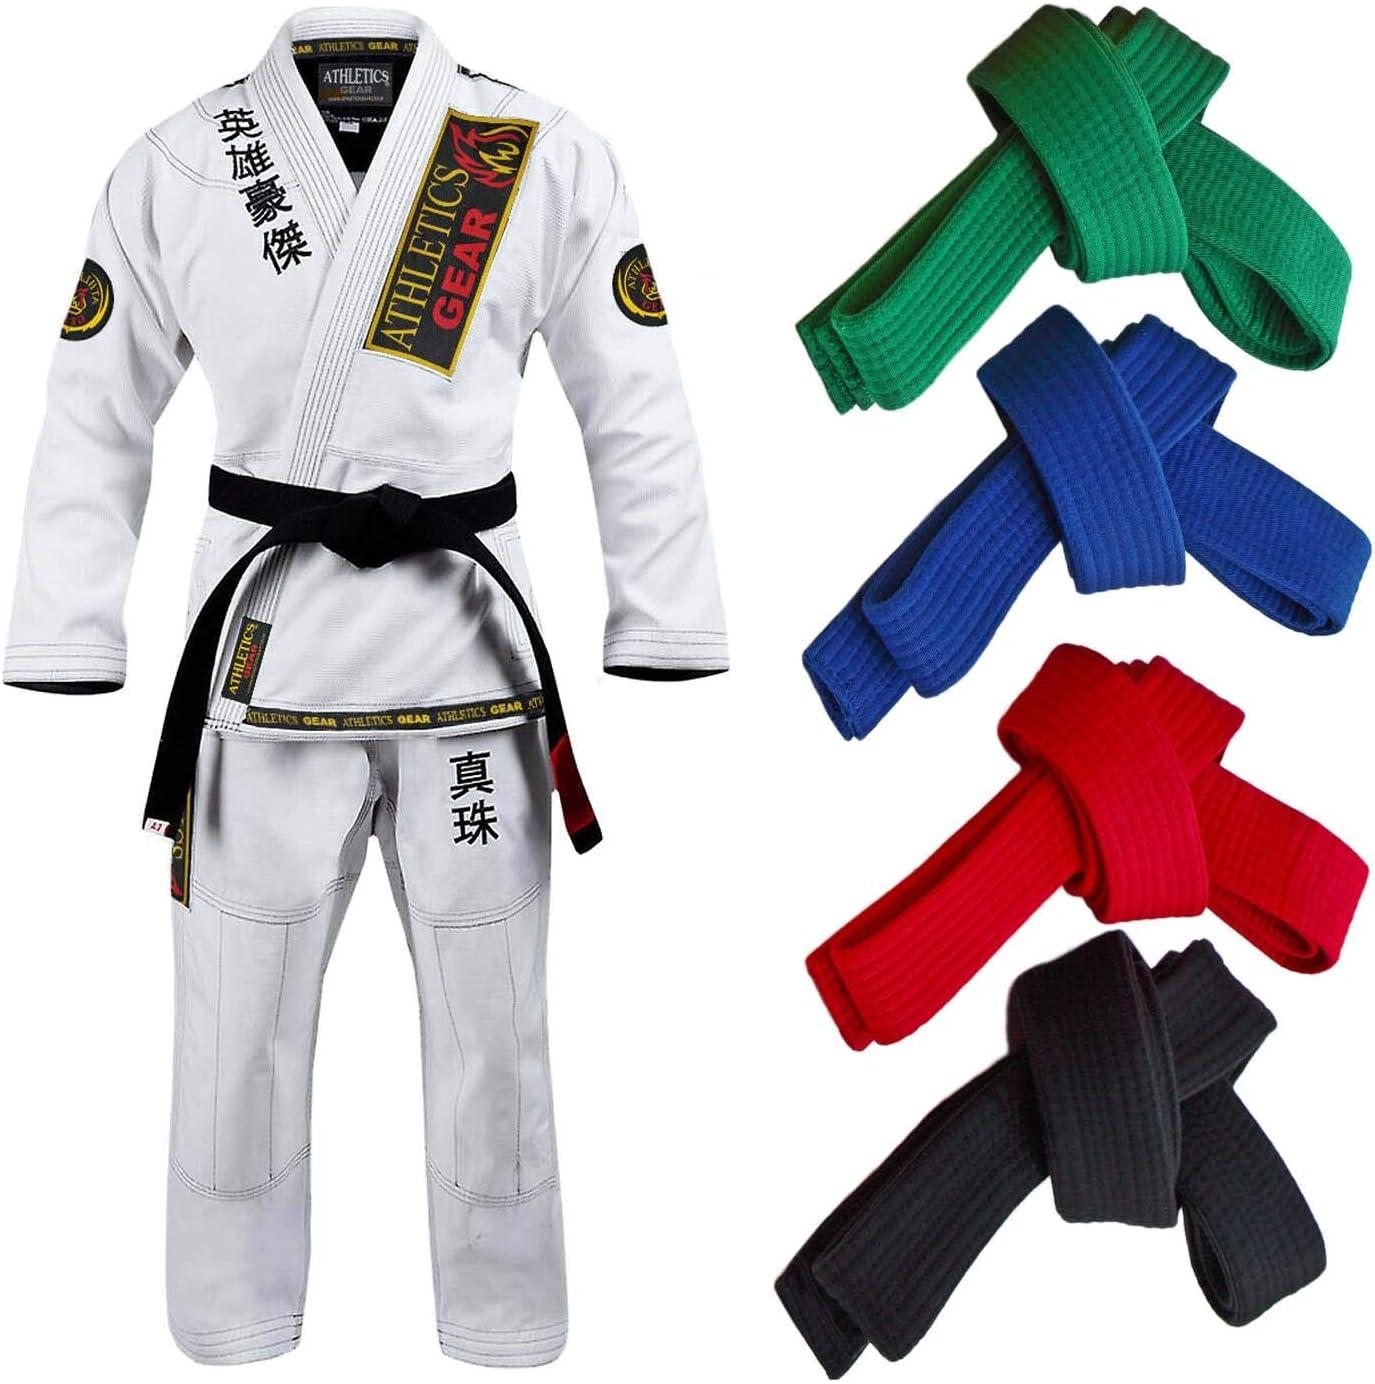 etc Todas Las Tallas y Colores KO Cinturon Artes Marciales para ni/ños y Adultos Taekwondo Karate Judo Dr